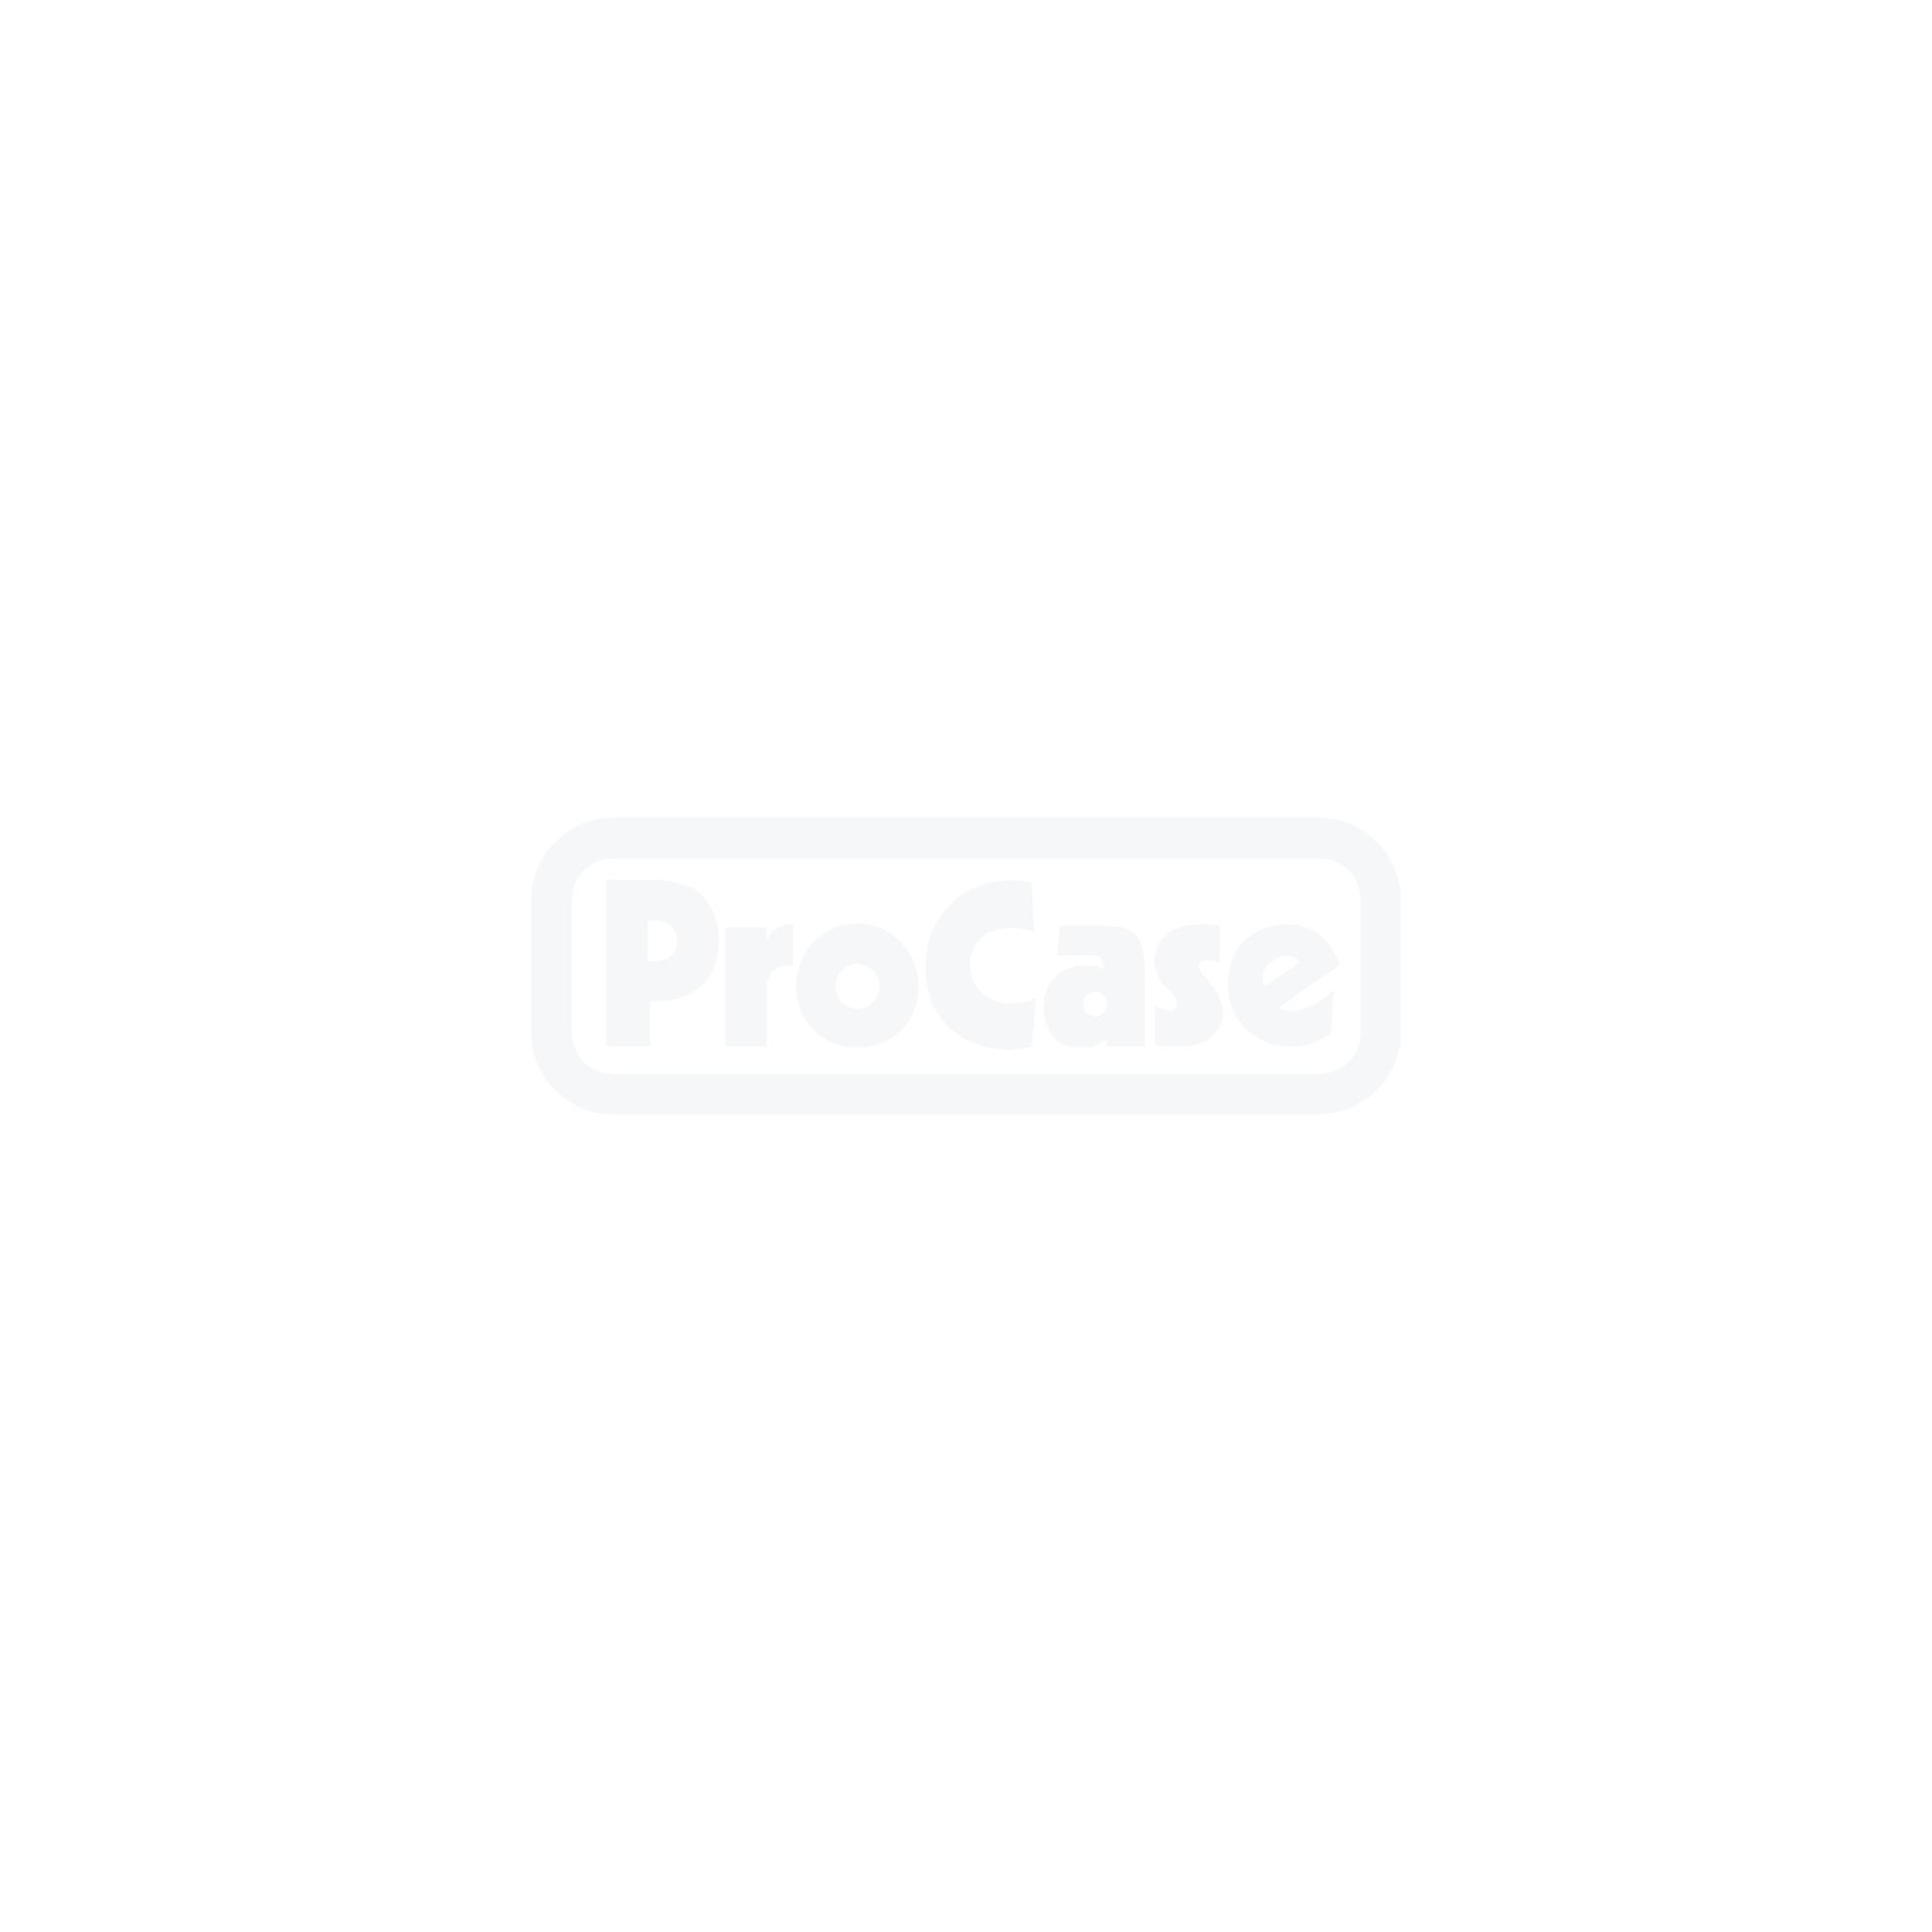 Einsatzkasten für Sprinter Vario-Flex 2